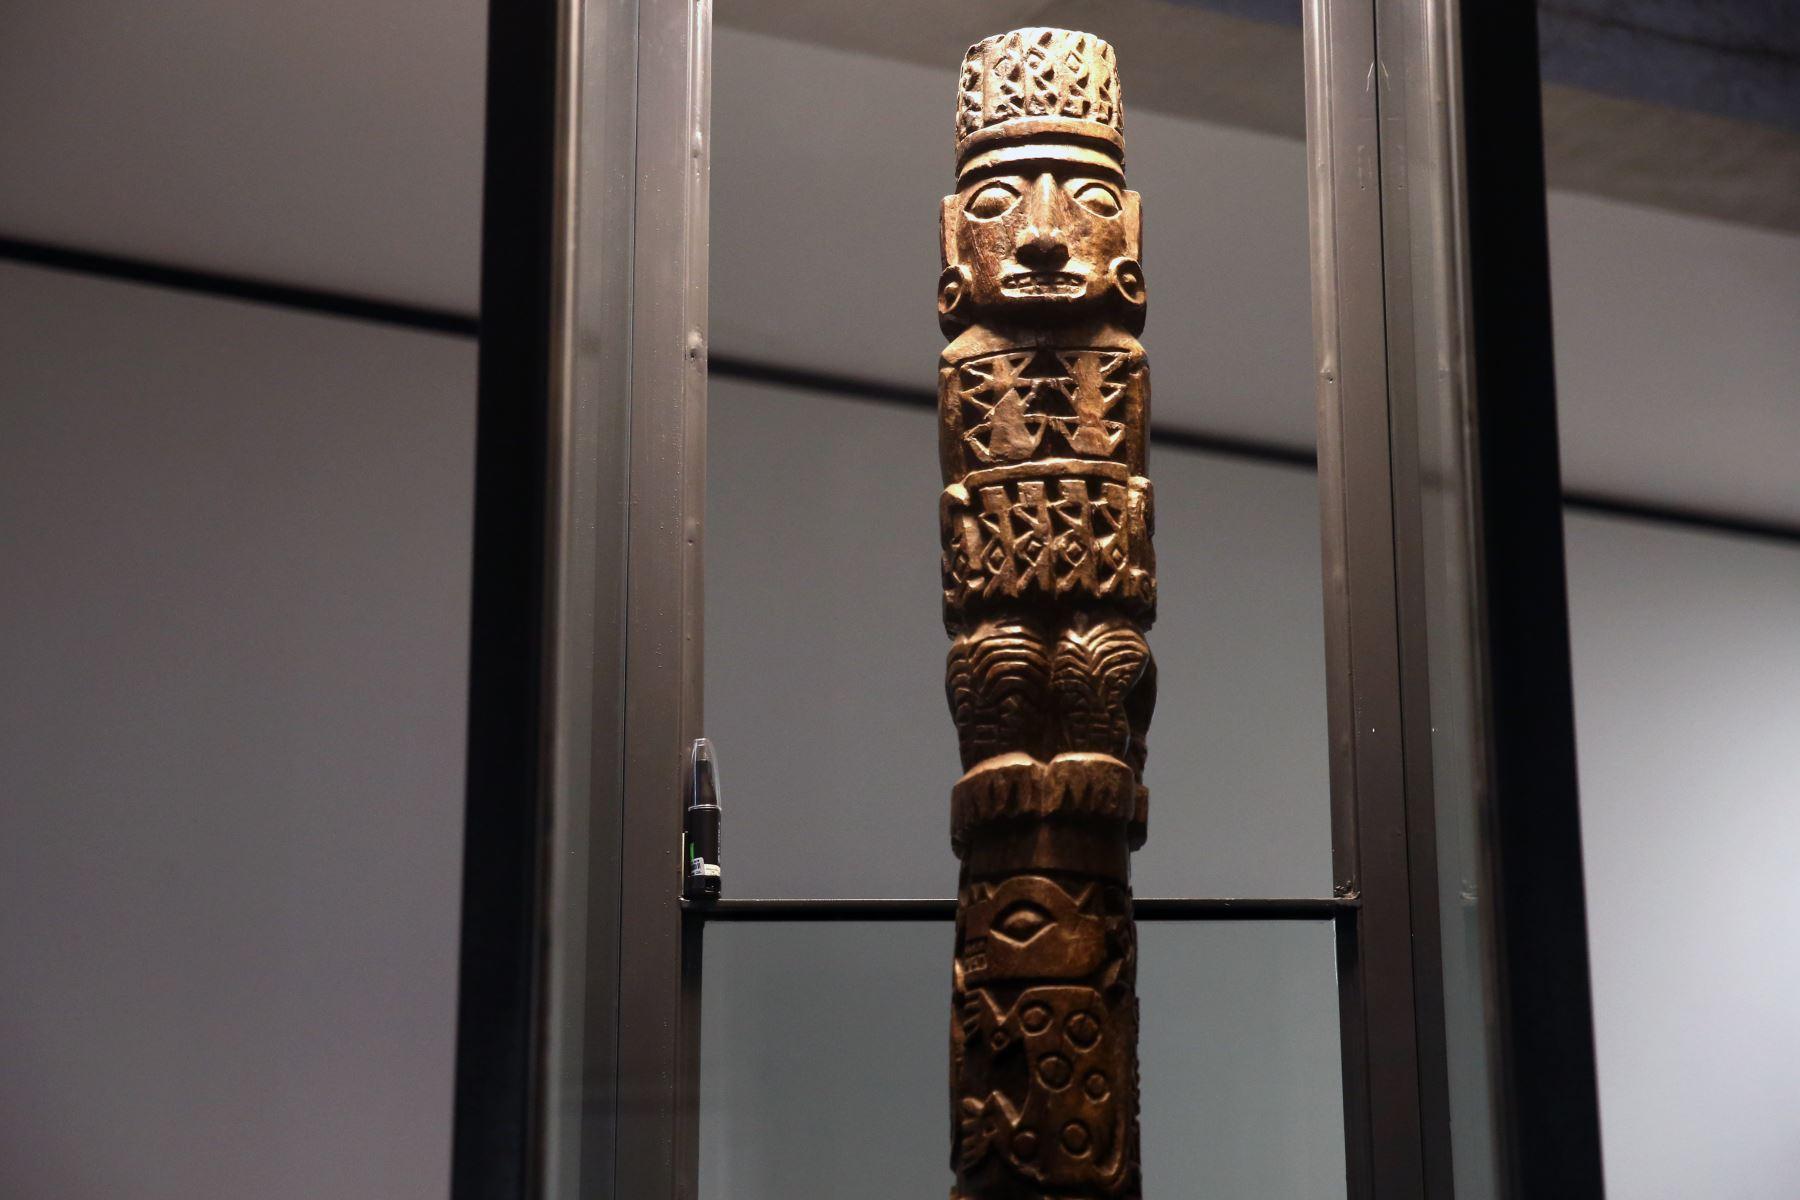 El idolo de Pachacamac, pieza de madera que se venera en Pachacámac es de la época Wari. Foto: Andina/ Vidal Tarqui